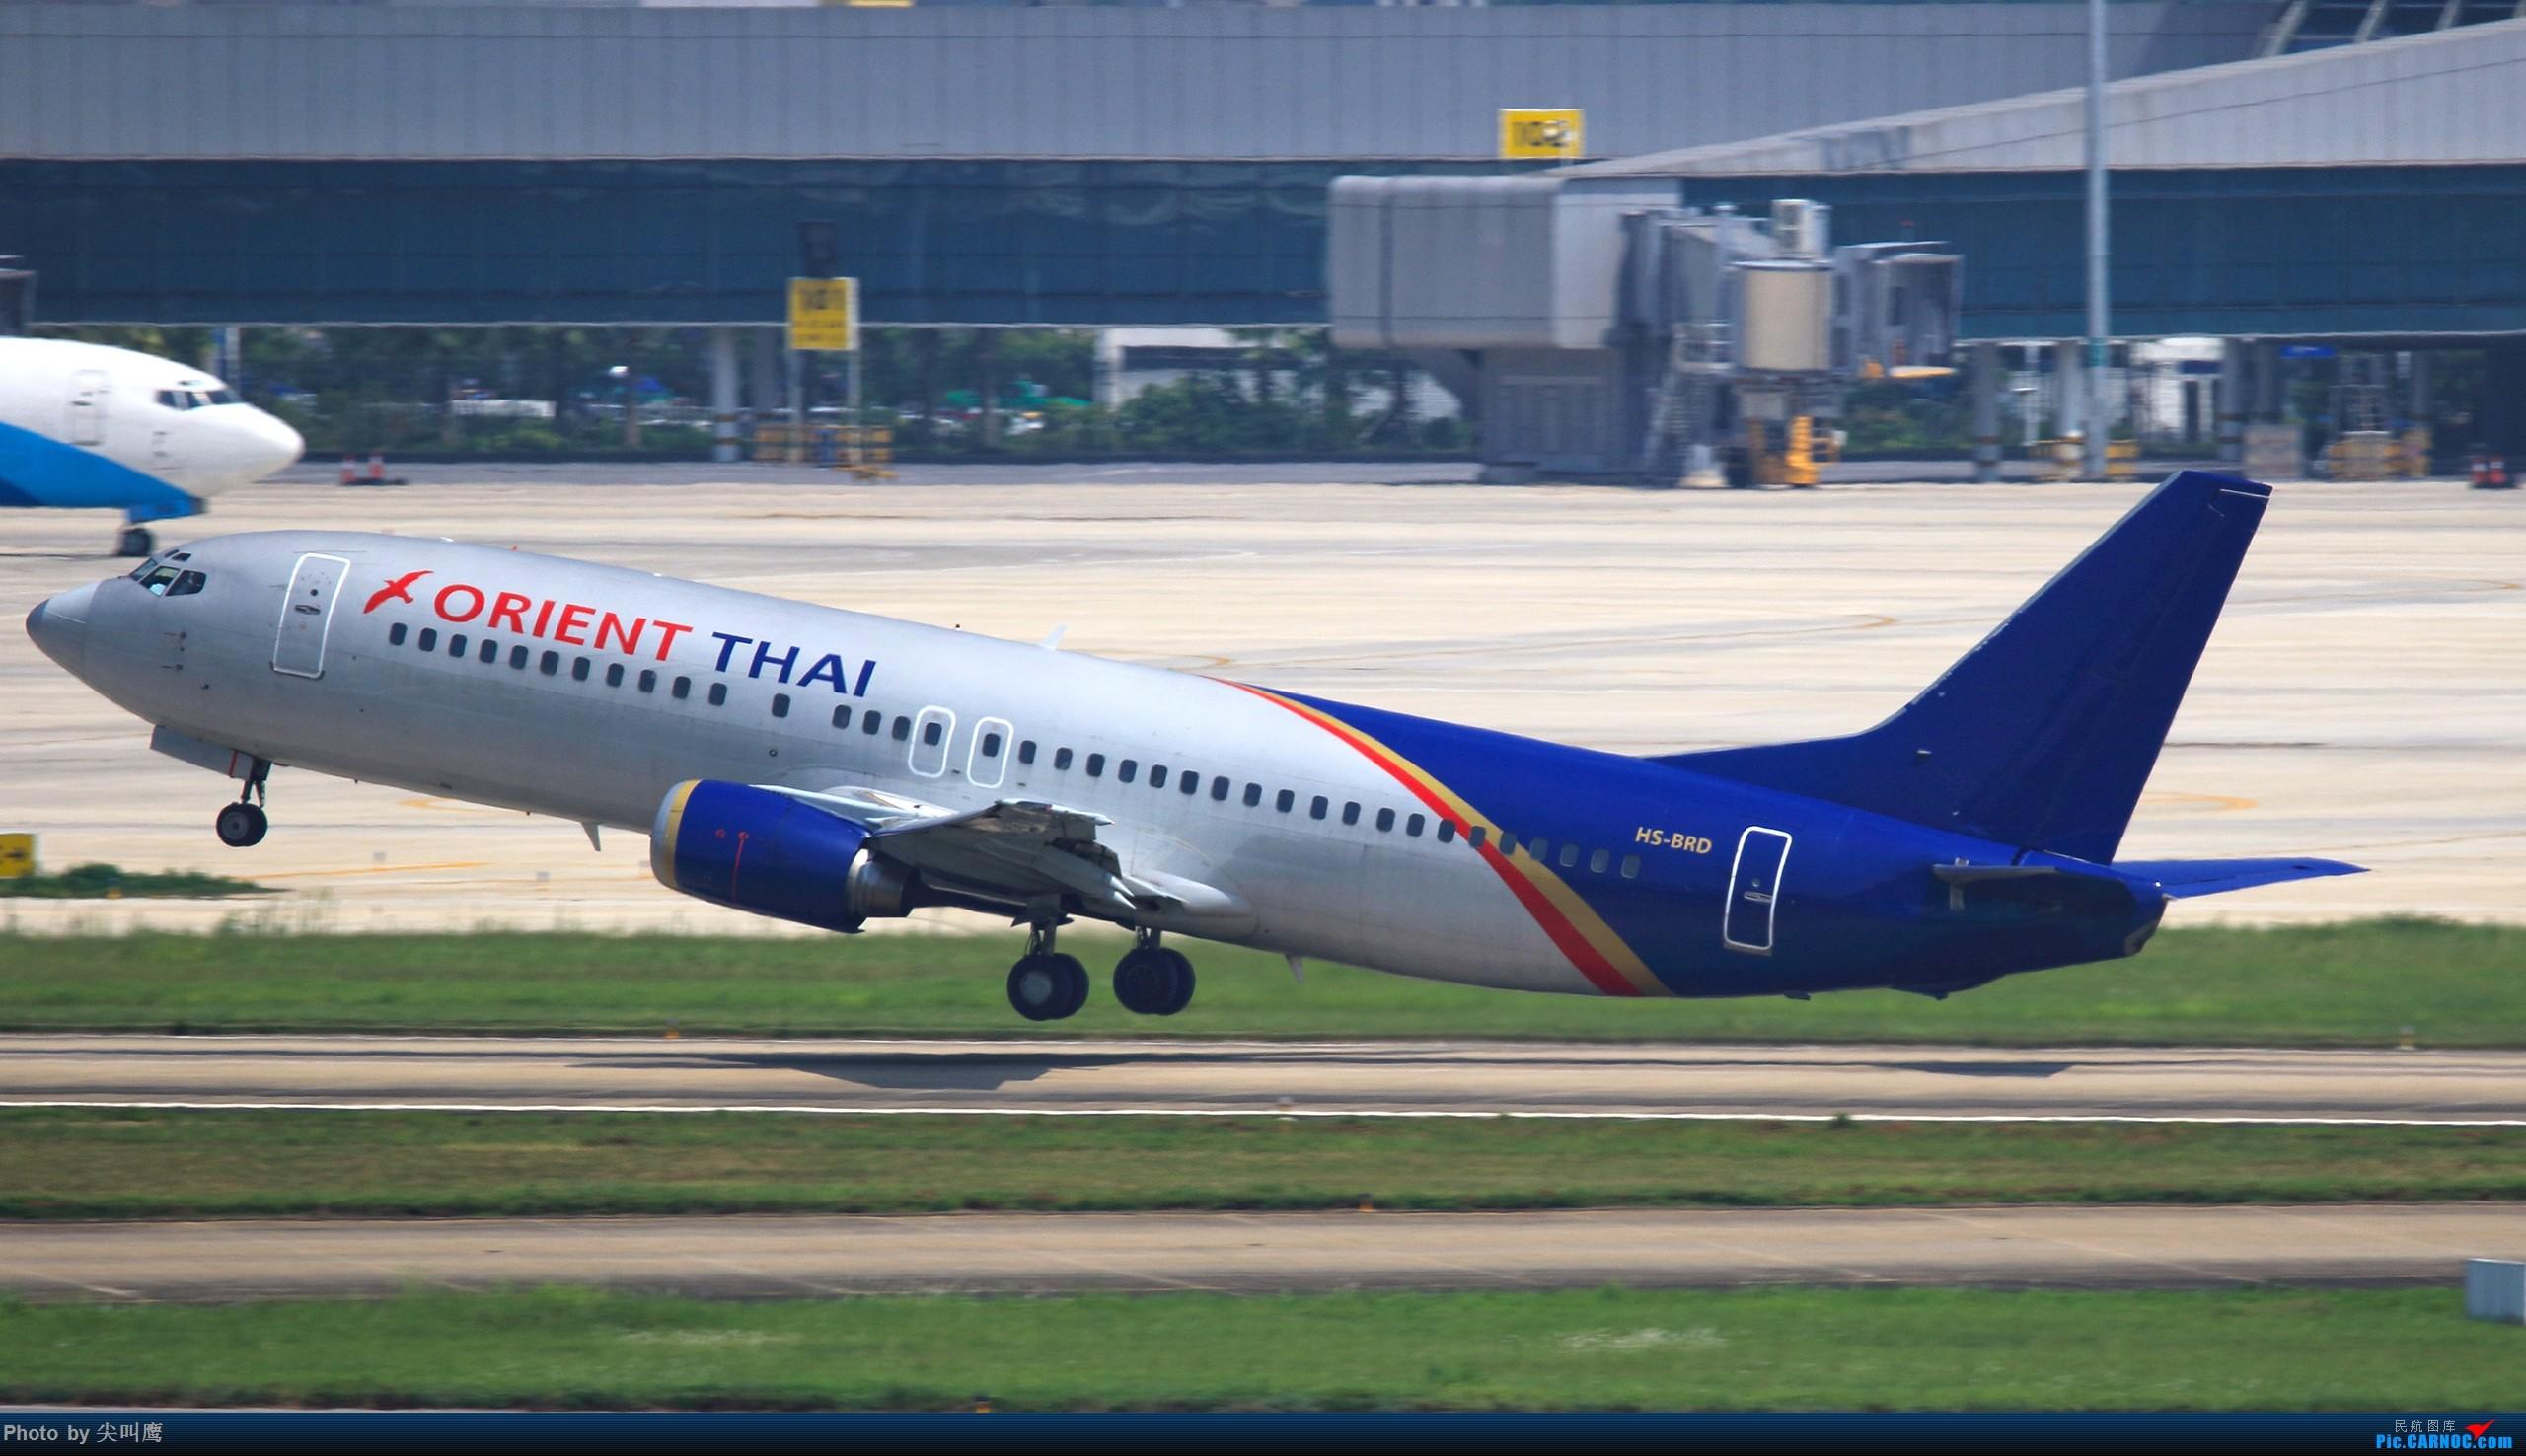 >>[原创]nng的几个东南亚飞机